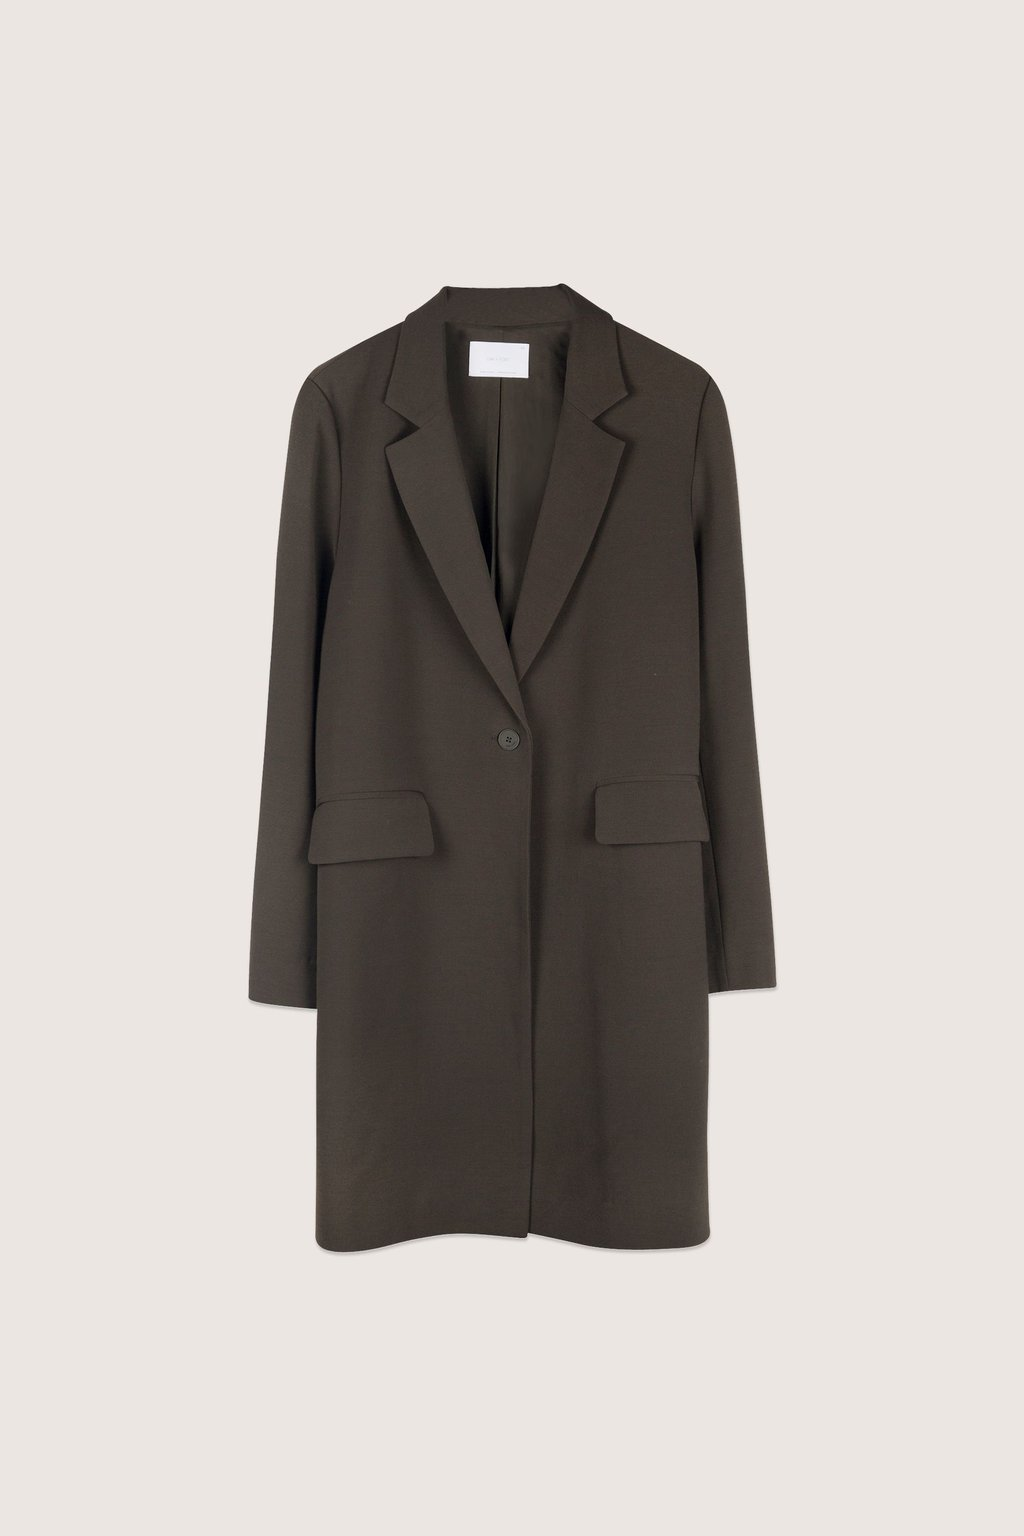 Jacket 1897 Olive 7